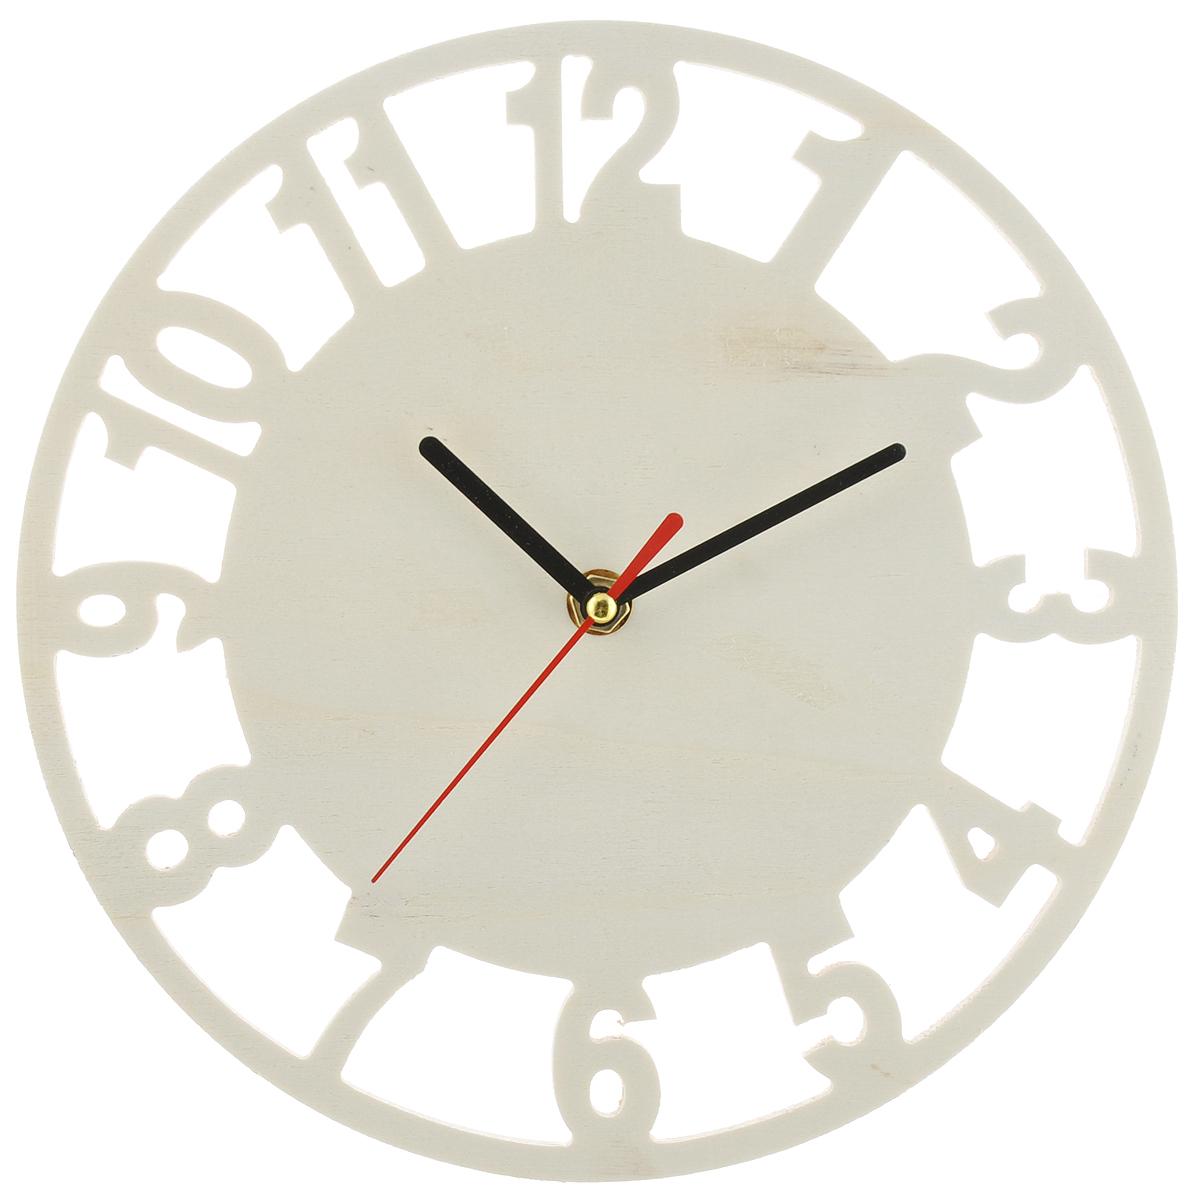 Заготовка для часов ScrapBerrys, с часовым механизмом, диаметр 24 смSCB350152Оригинальная заготовка для часов ScrapBerrys, выполненная из натурального дерева, предназначена для занятий декупажом. Заготовка имеет форму круга и оснащена часовым механизмом. Декупаж - техника декорирования различных предметов, основанная на присоединении рисунка, картины или орнамента (обычного вырезанного) к предмету, и, далее, покрытии полученной композиции лаком ради эффектности, сохранности и долговечности. Часы работают от одной батарейки типа АА 1,5V (в комплект не входит).